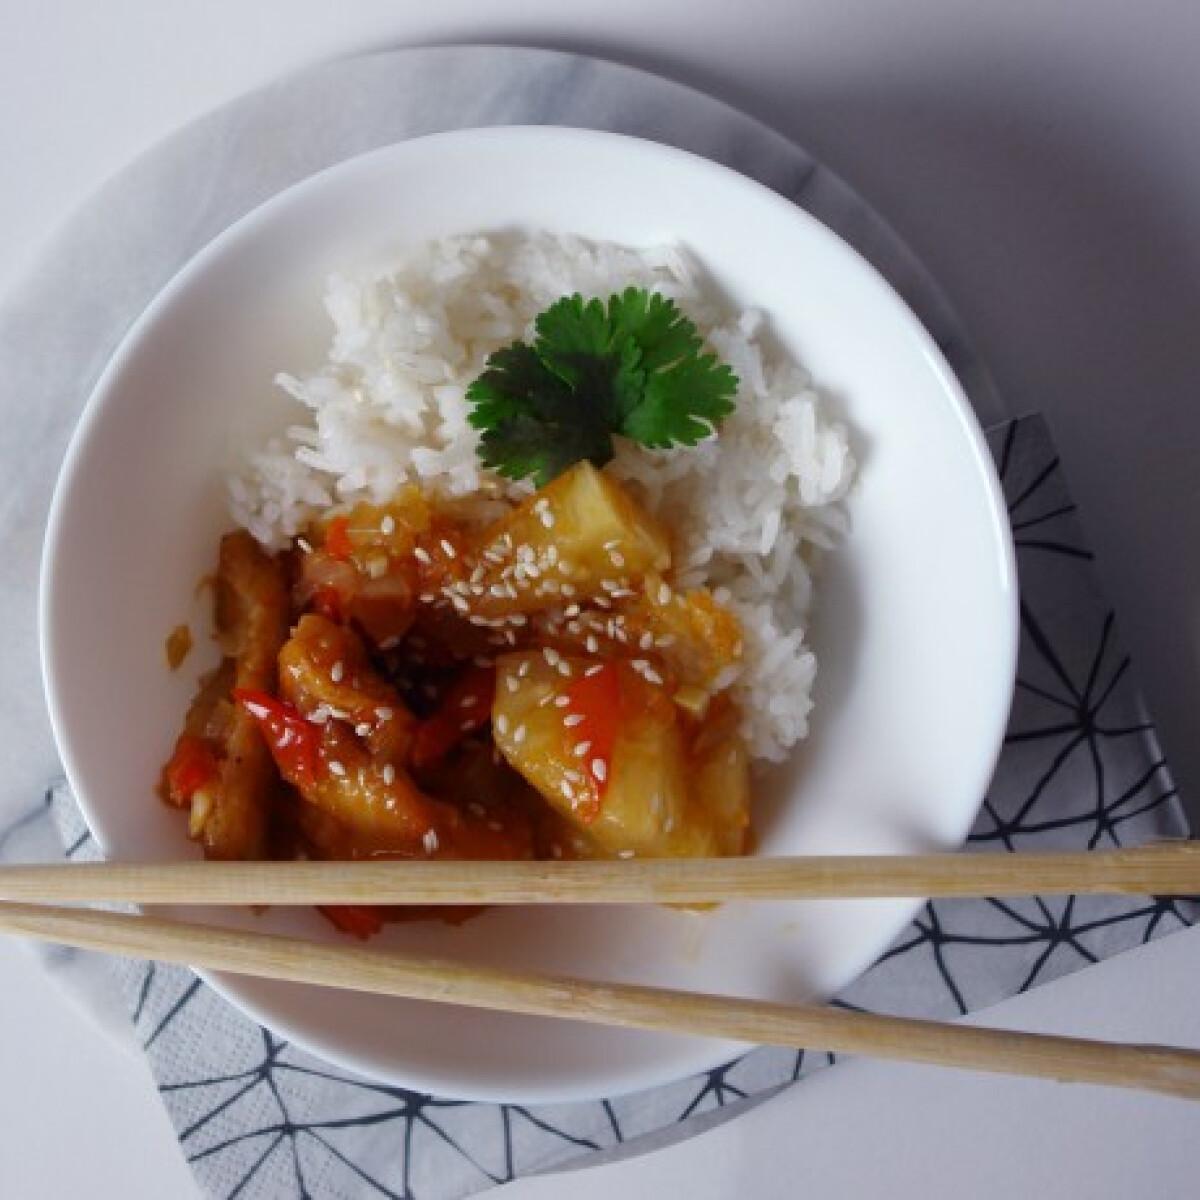 Ezen a képen: Édes savanyú ananászos csirke rizzsel